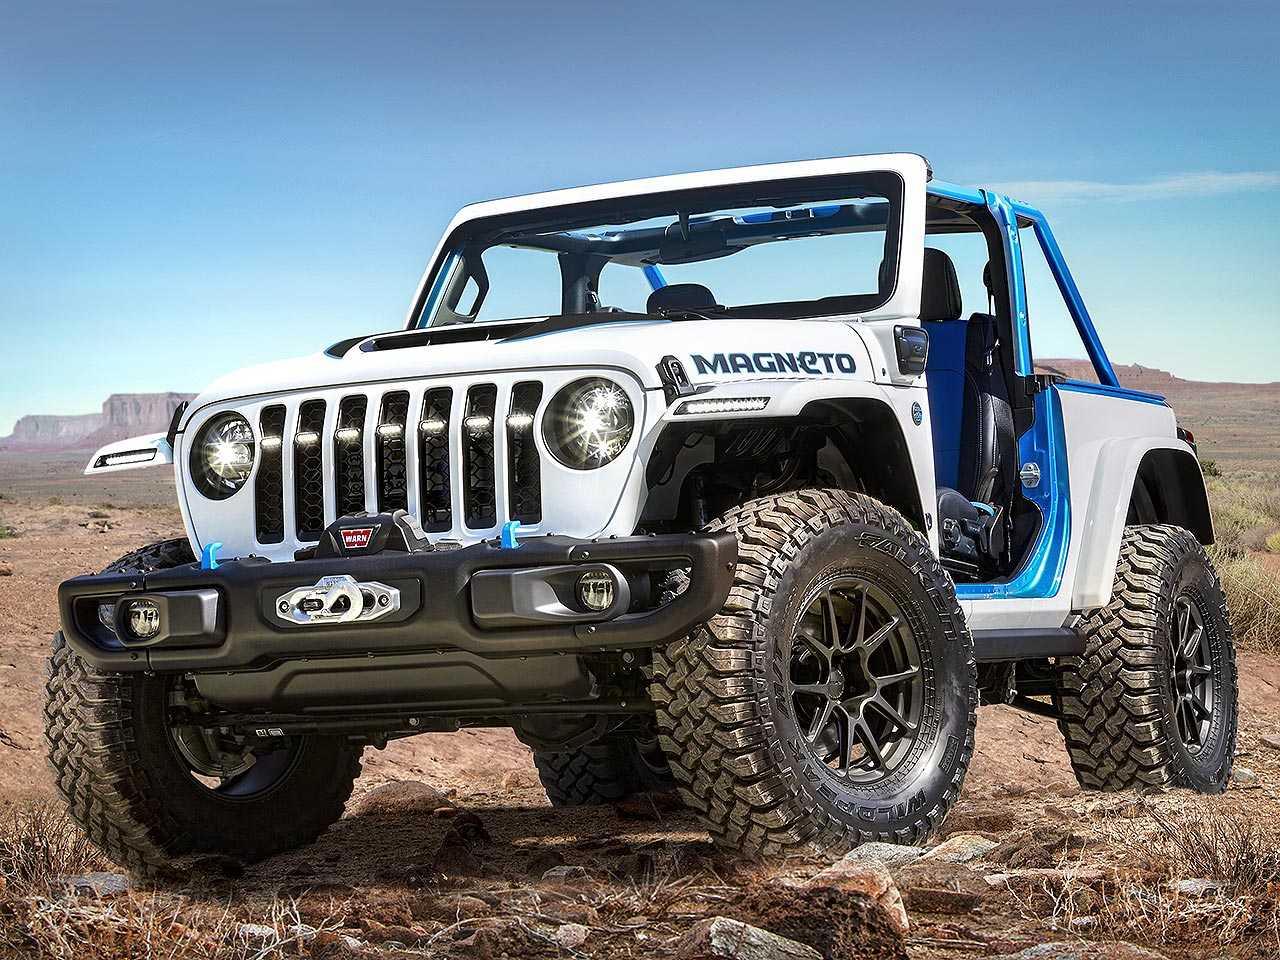 Jeep Wrangler Magneto: conceito elétrico baseado no tradicional modelo da marca